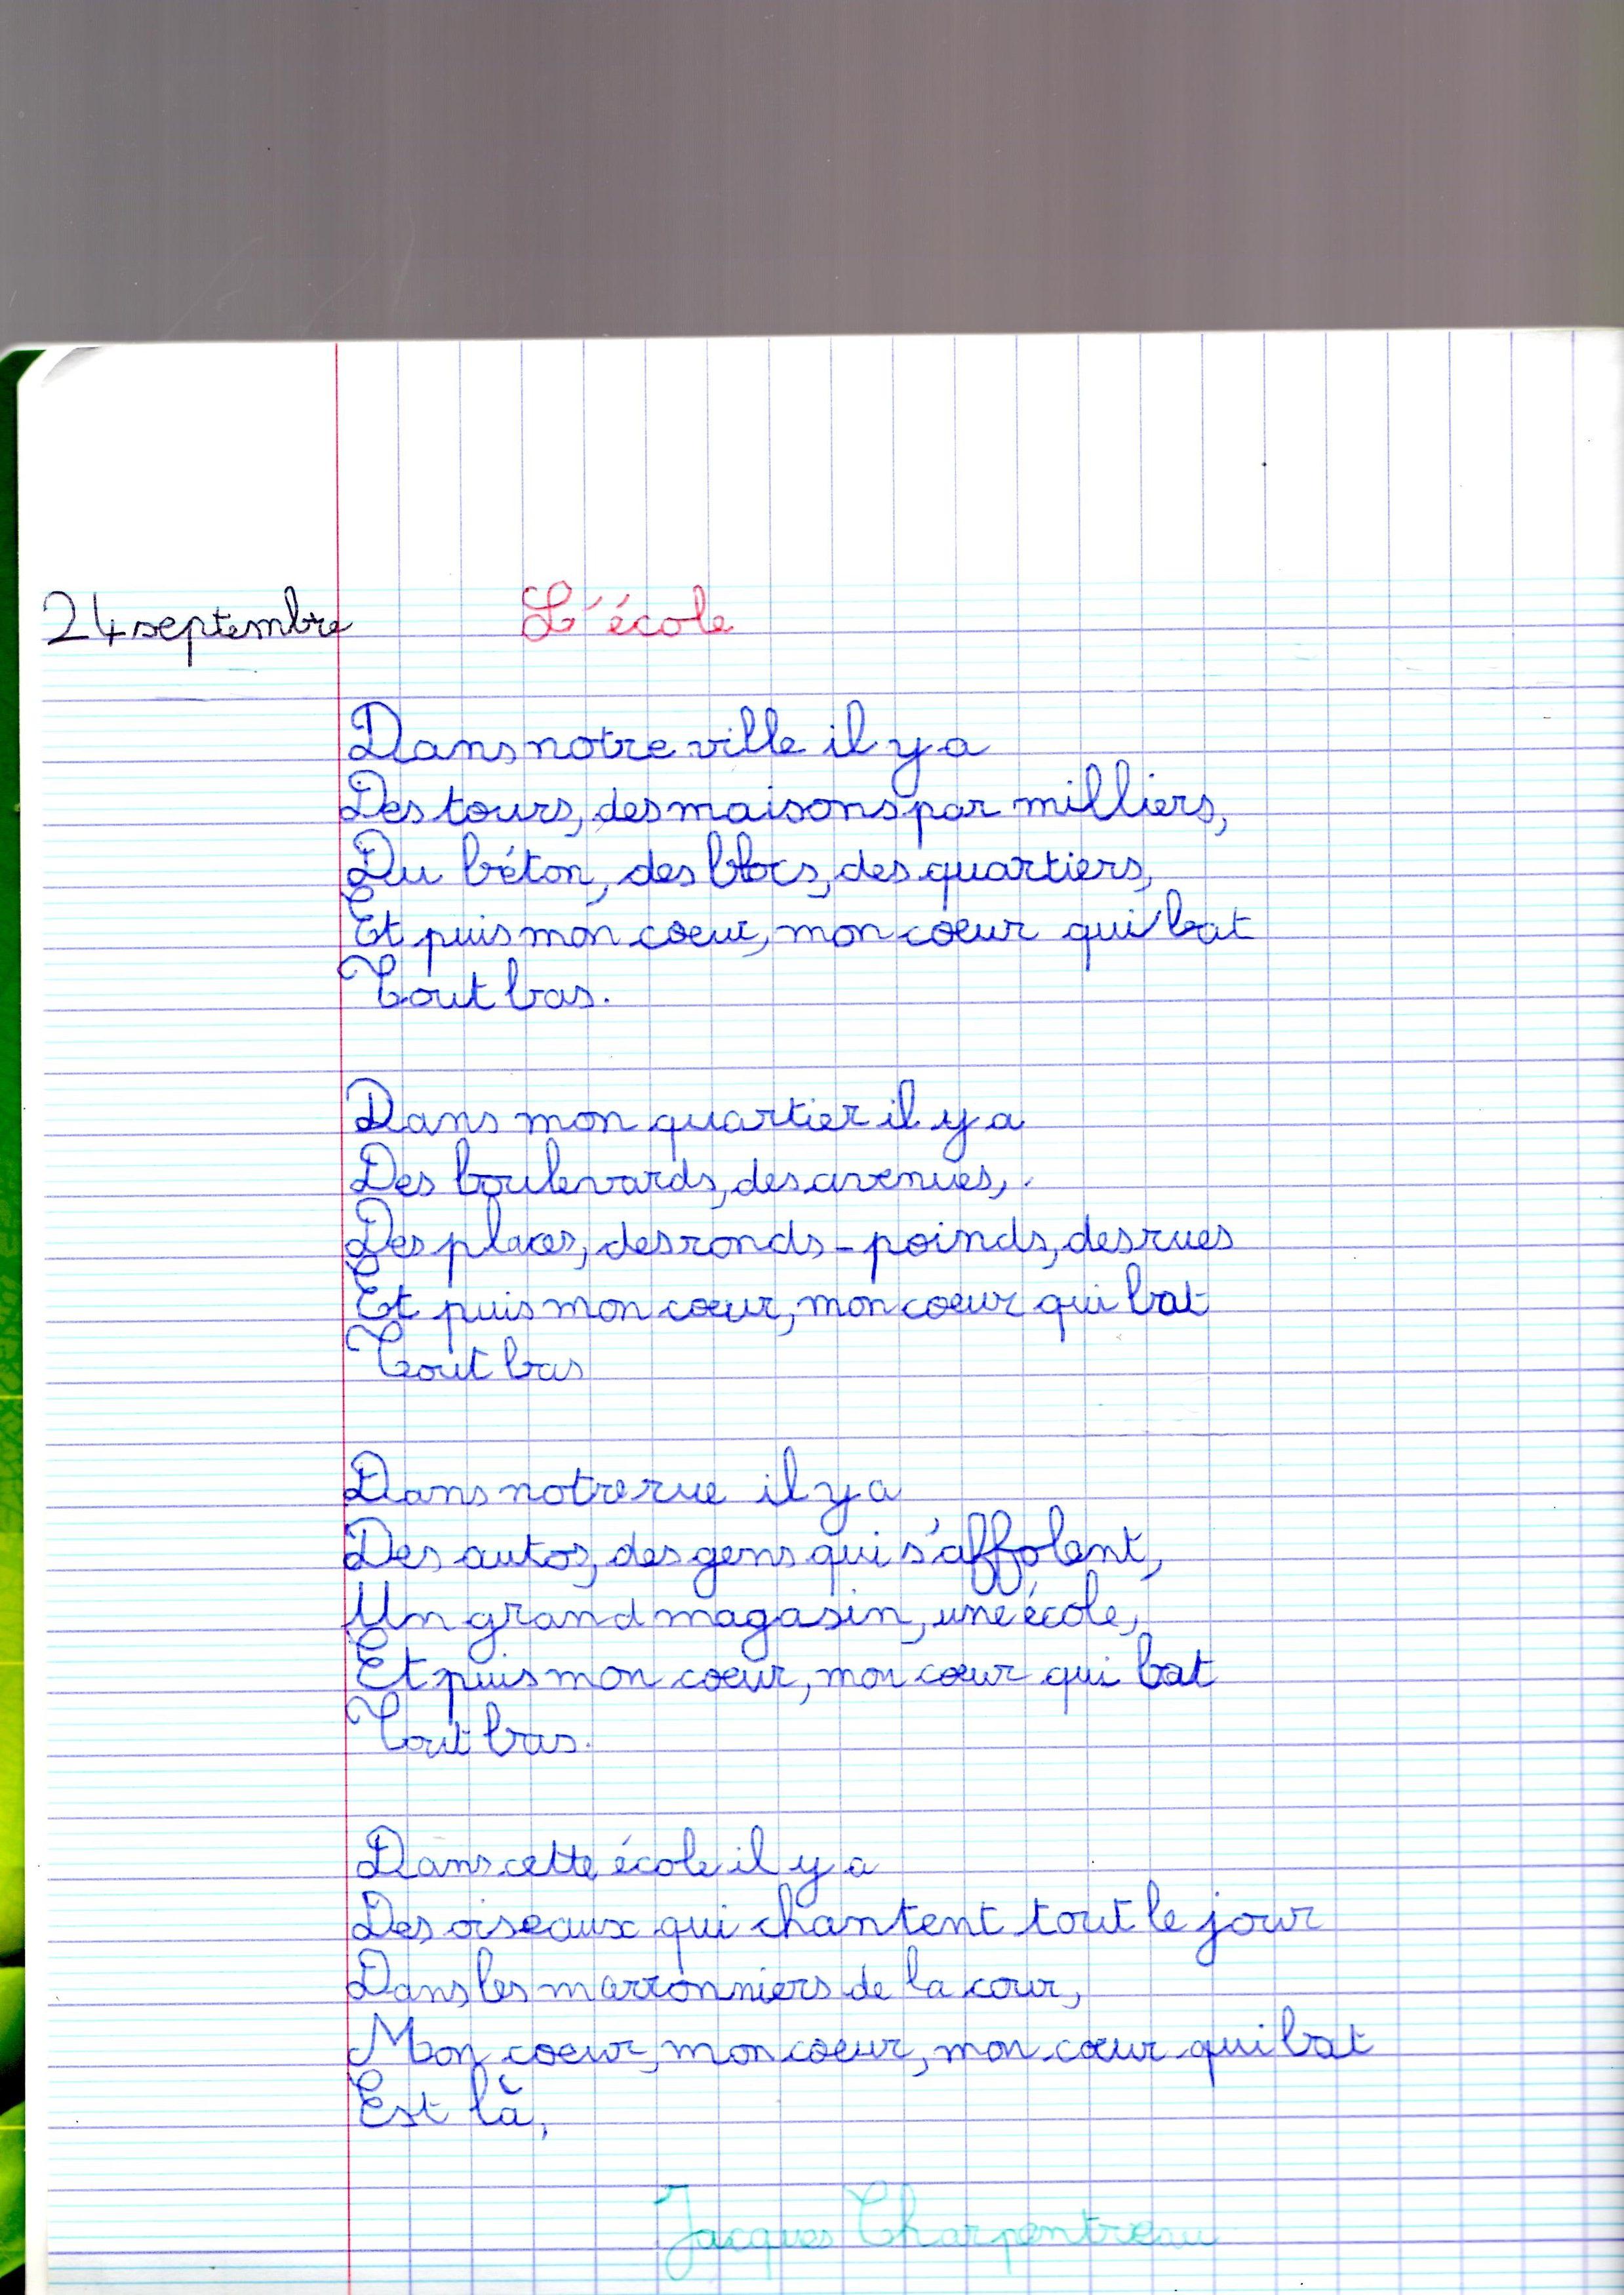 Jacques Charpentreau (auteur de Demain dès l'aube) - Babelio